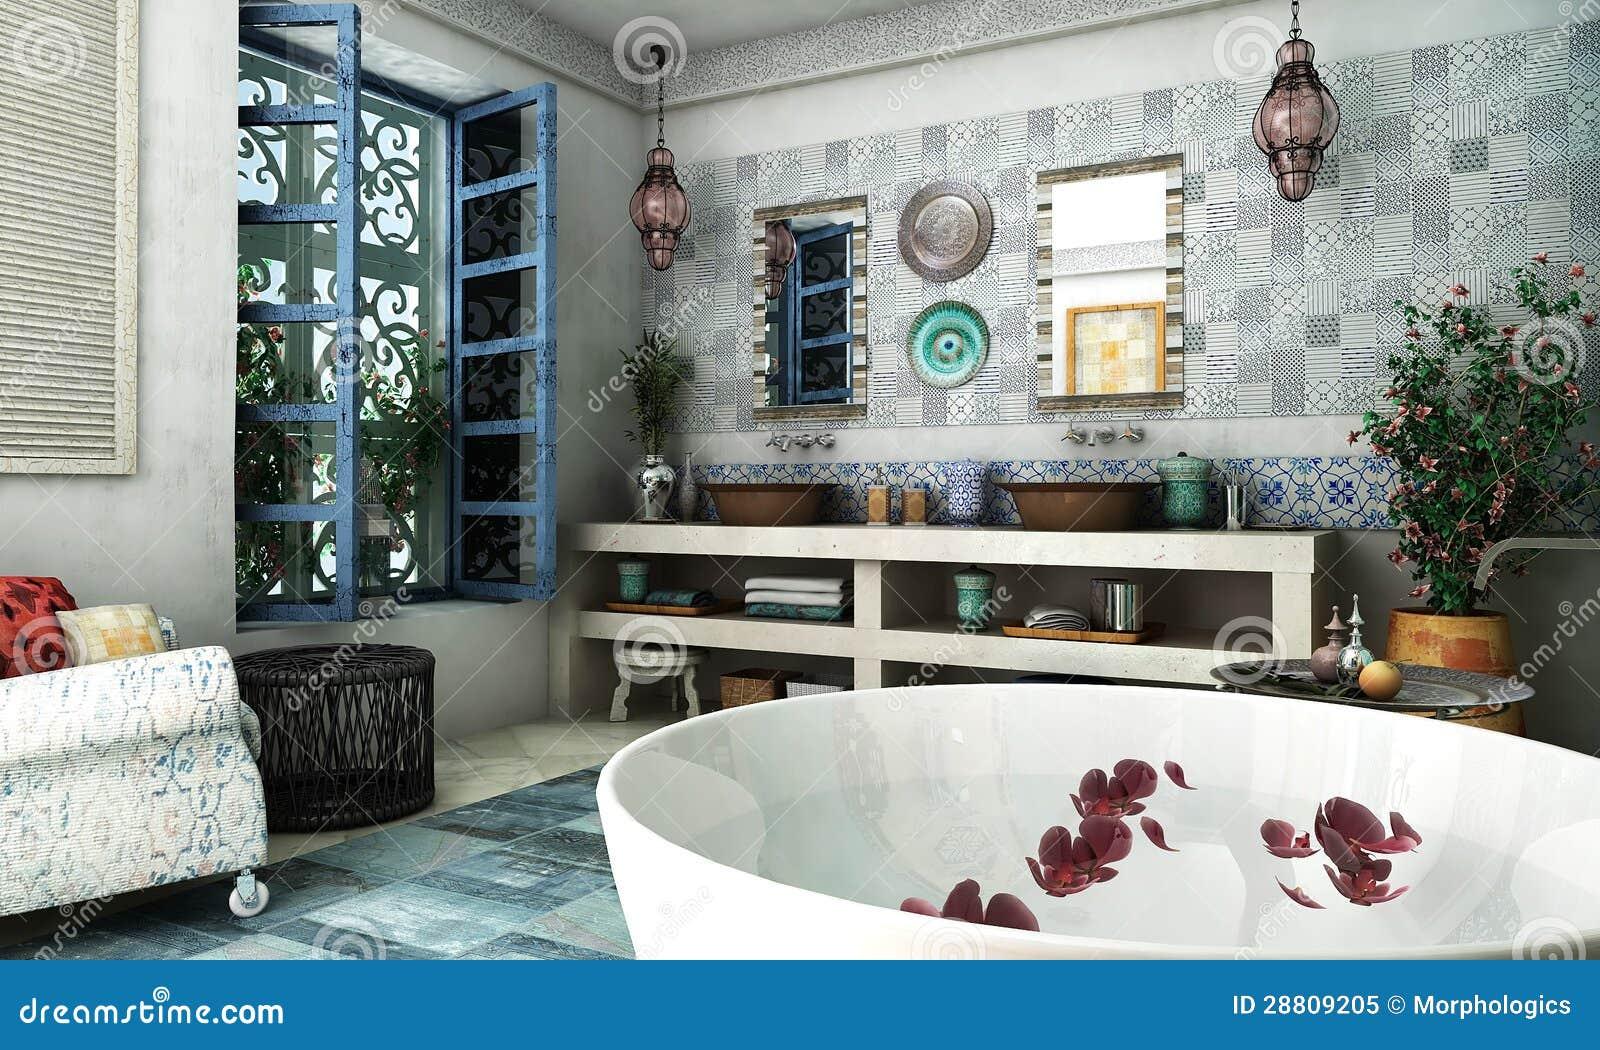 Marokkanisches Badezimmer stockbild. Bild von korb, stuhl - 28809205